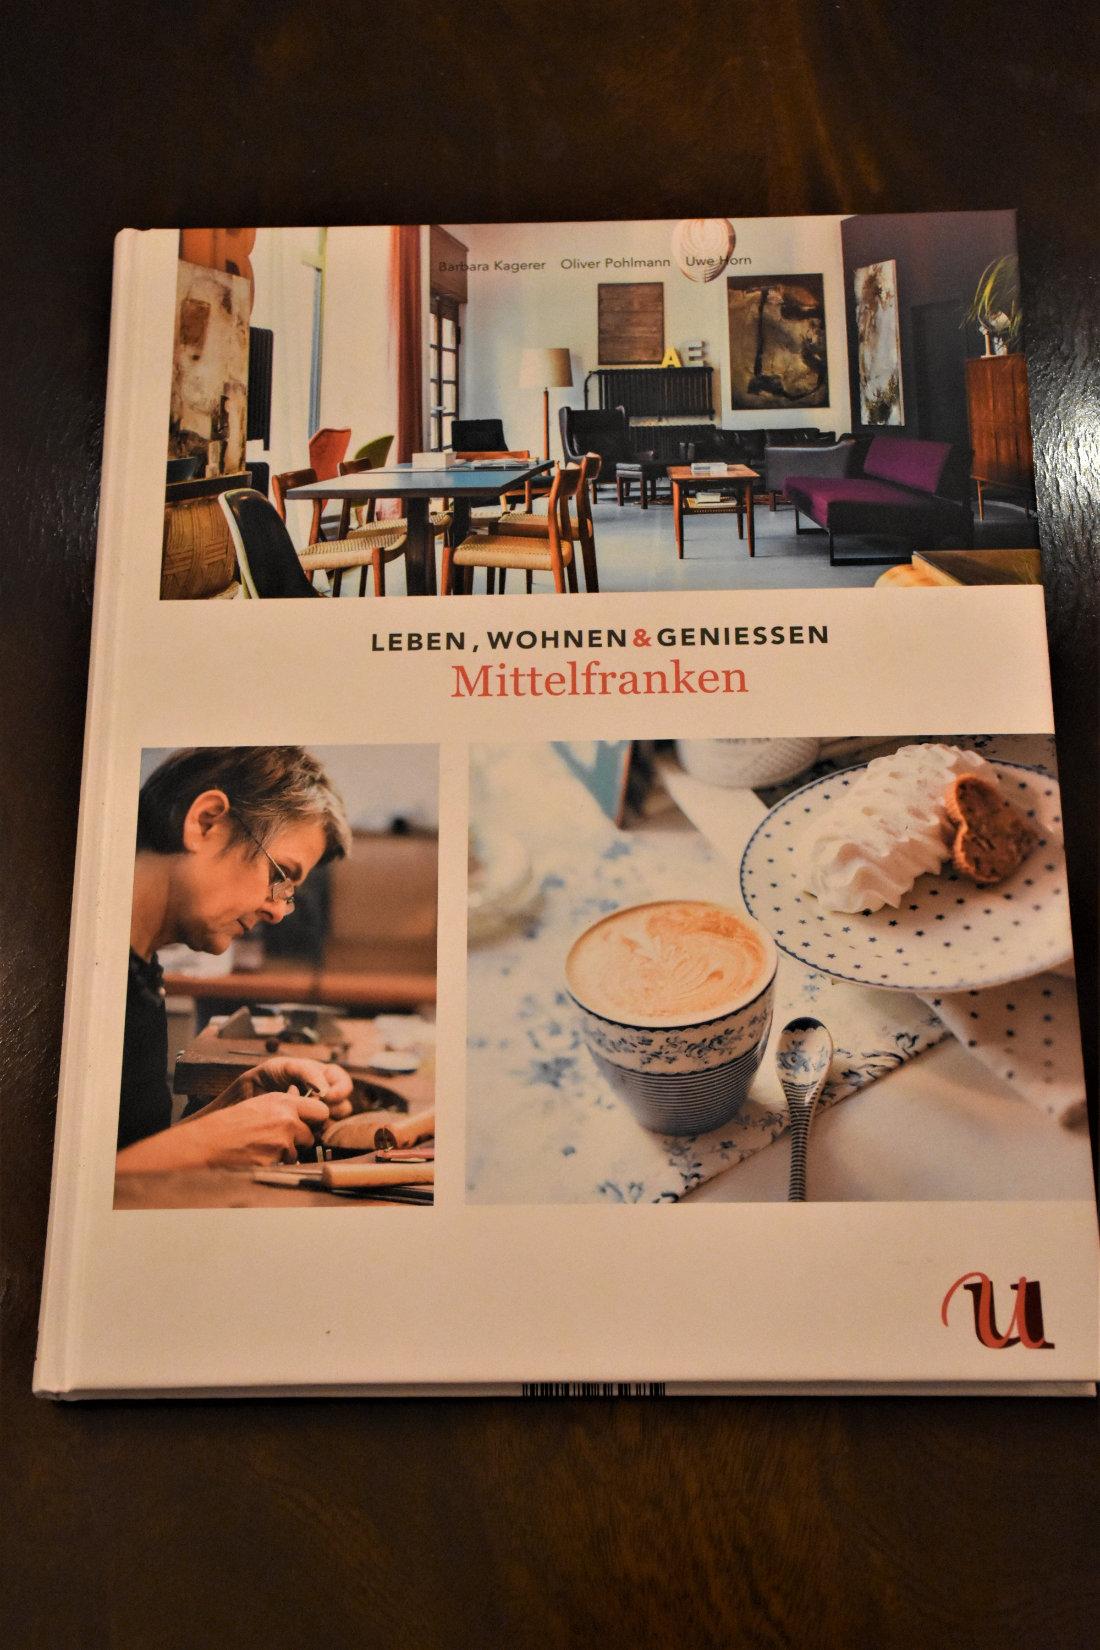 LEBEN, WOHNEN & GENIESSEN Mittelfranken von Barbara Kagerer - Oliver Pohlmann und Uwe Horn